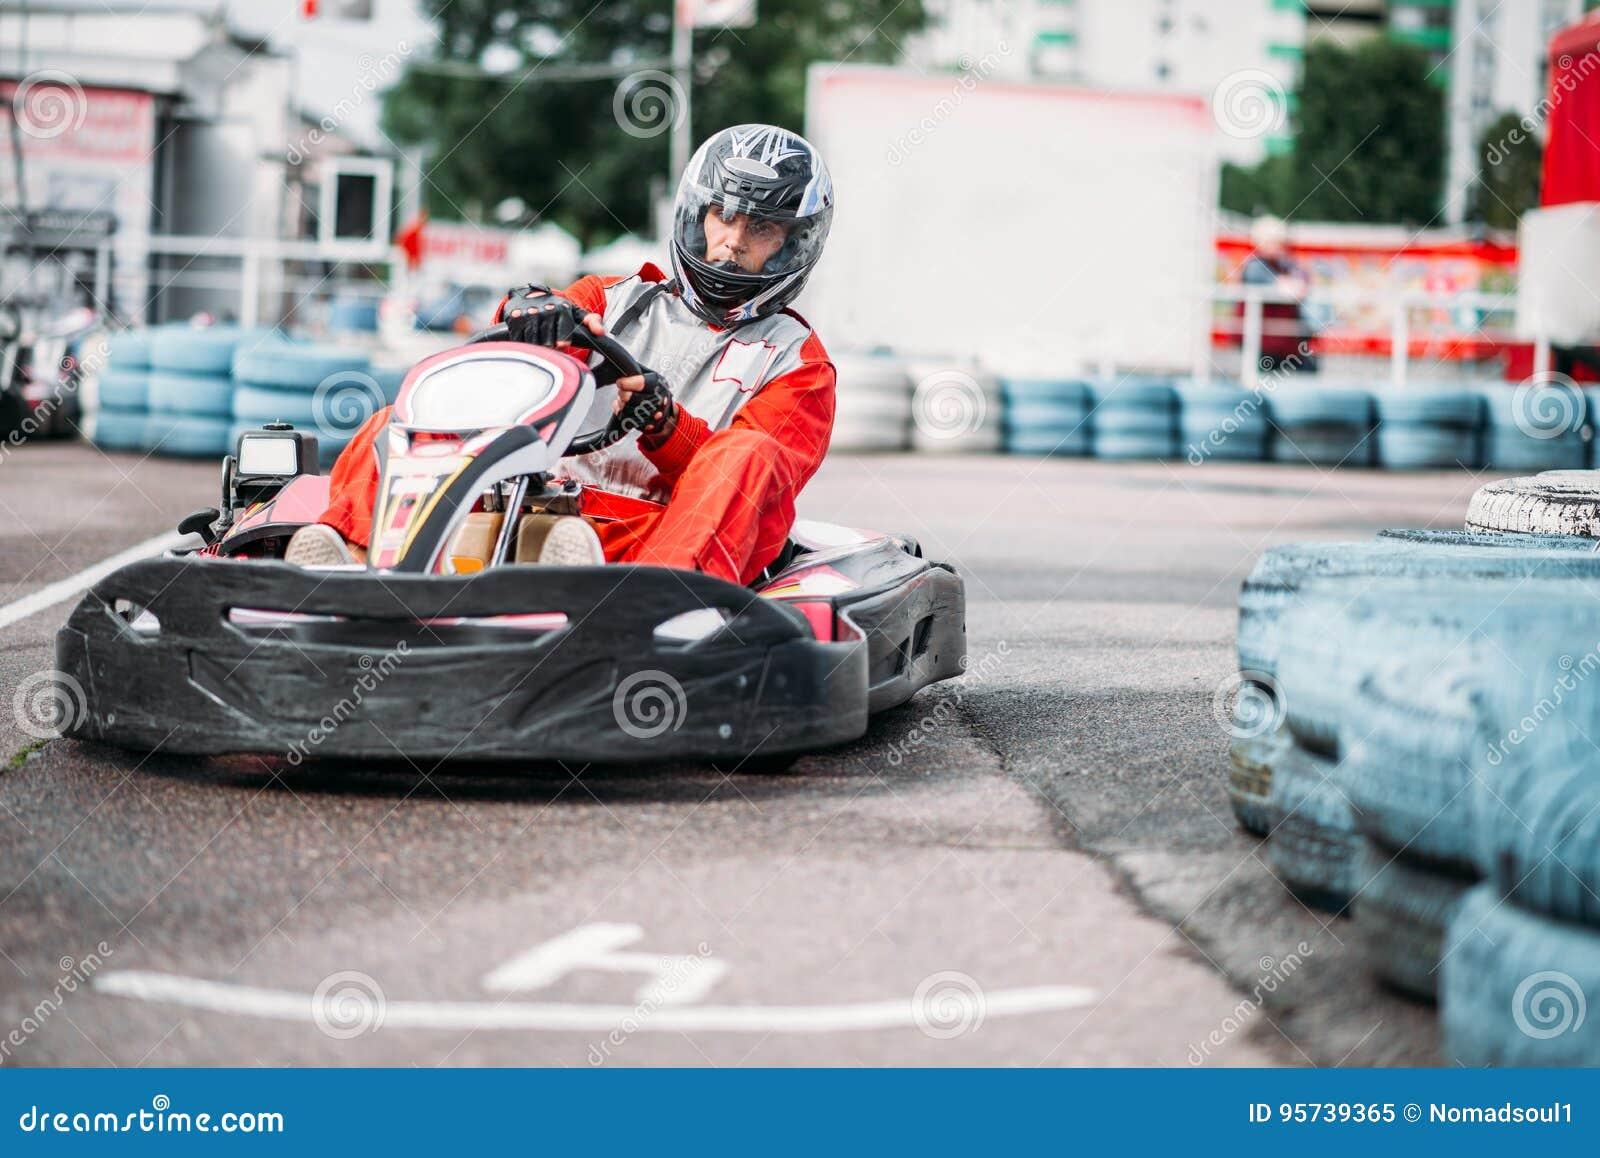 Den Karting racerbilen i handling, går kartkonkurrens